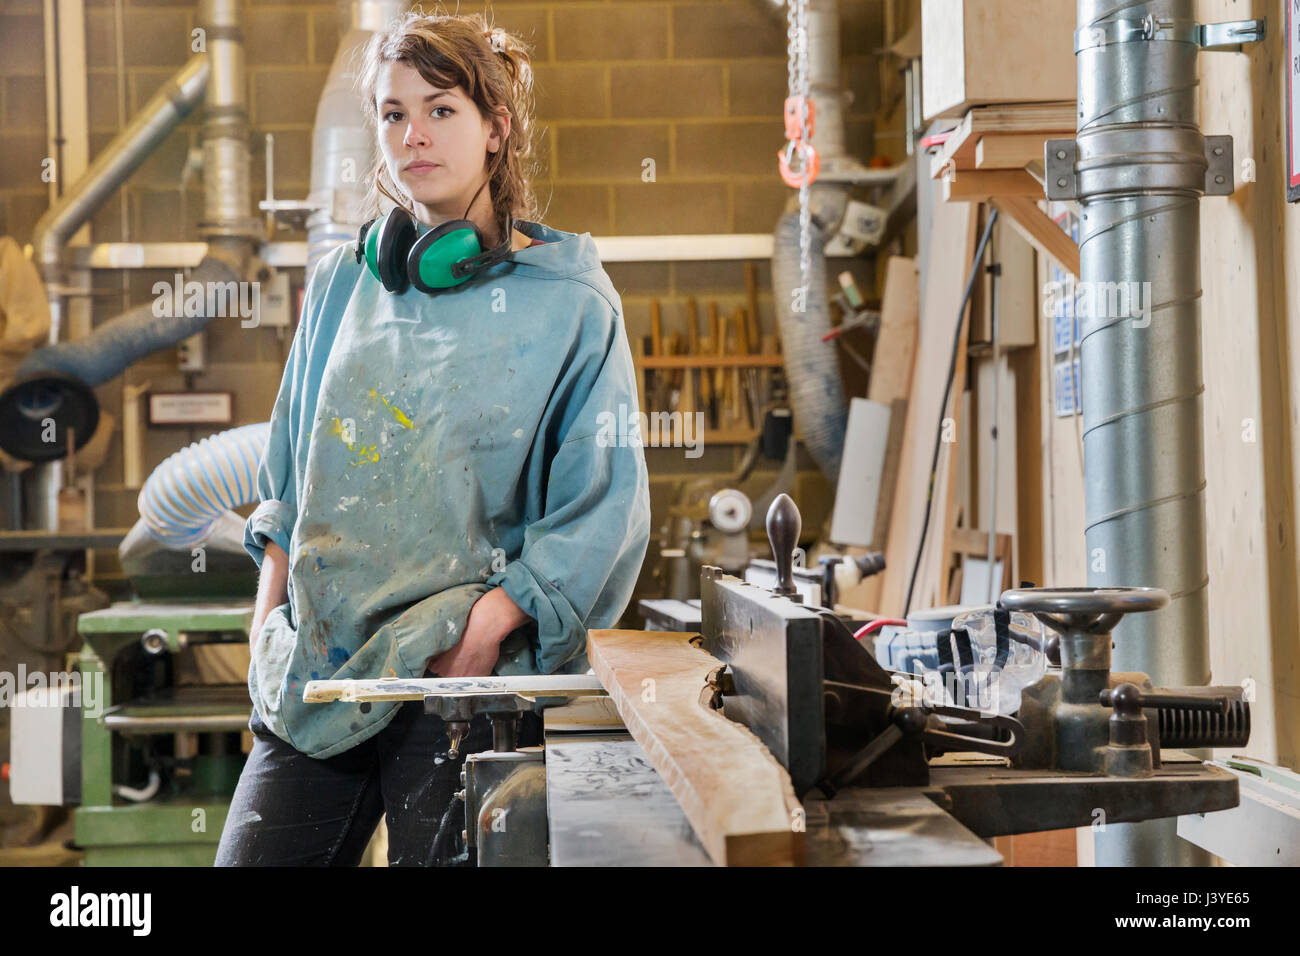 Portrait de jeune femme à côté de machines dans l'atelier du bois Photo Stock